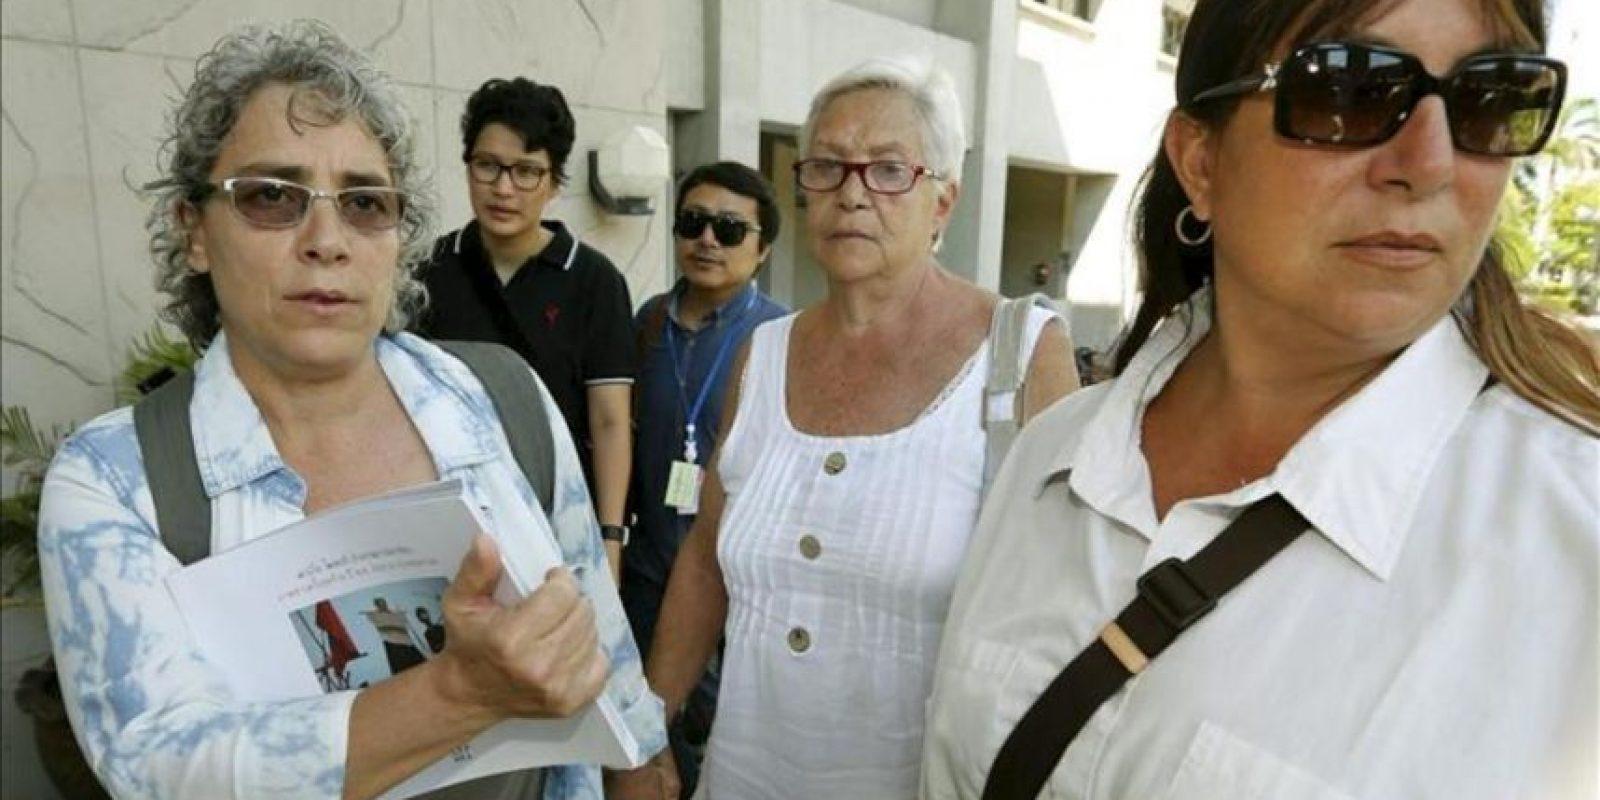 (De izda a dcha) La hermana pequeña del fotógrafo italiano Fabio Polenghi, Elisabetta, su madre Laura Chiorri y su hermana mayor Arianna Polenghi a su llegada a un tribunal en Bangkok (Tailandia). EFE